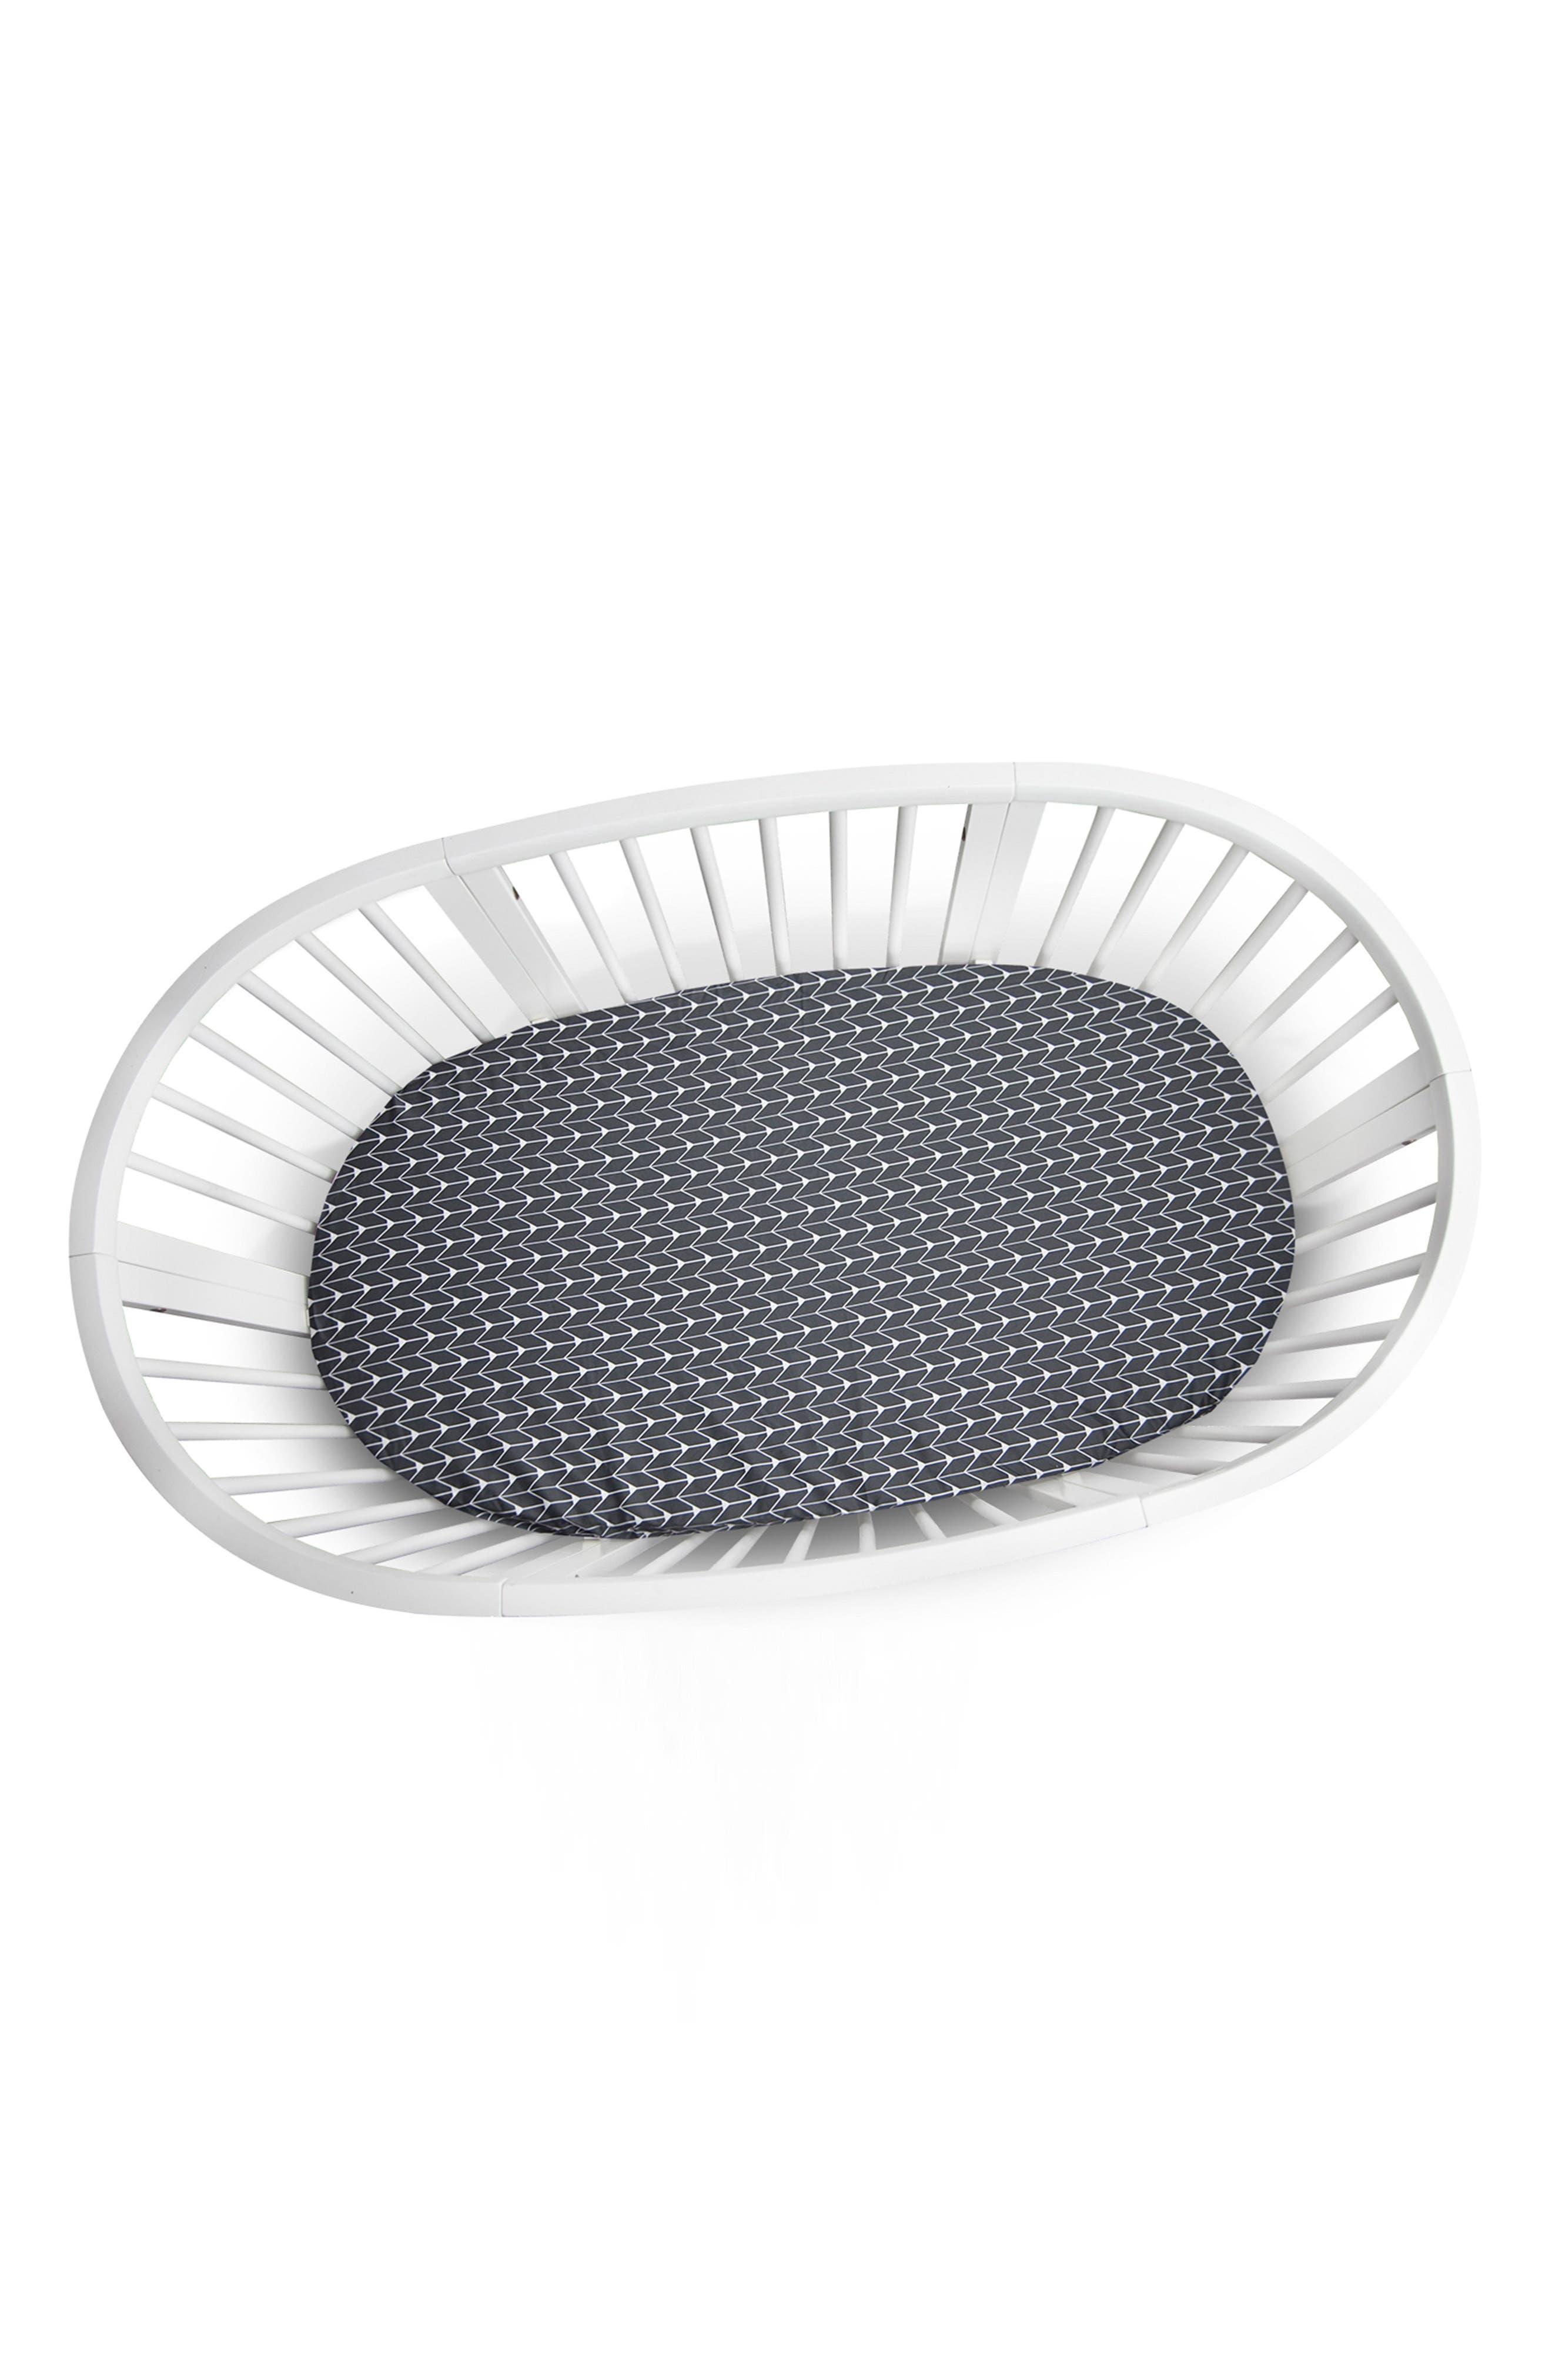 Alternate Image 4  - Oilo 300 Thread Count Crib Sheet for Stokke Sleepi Crib